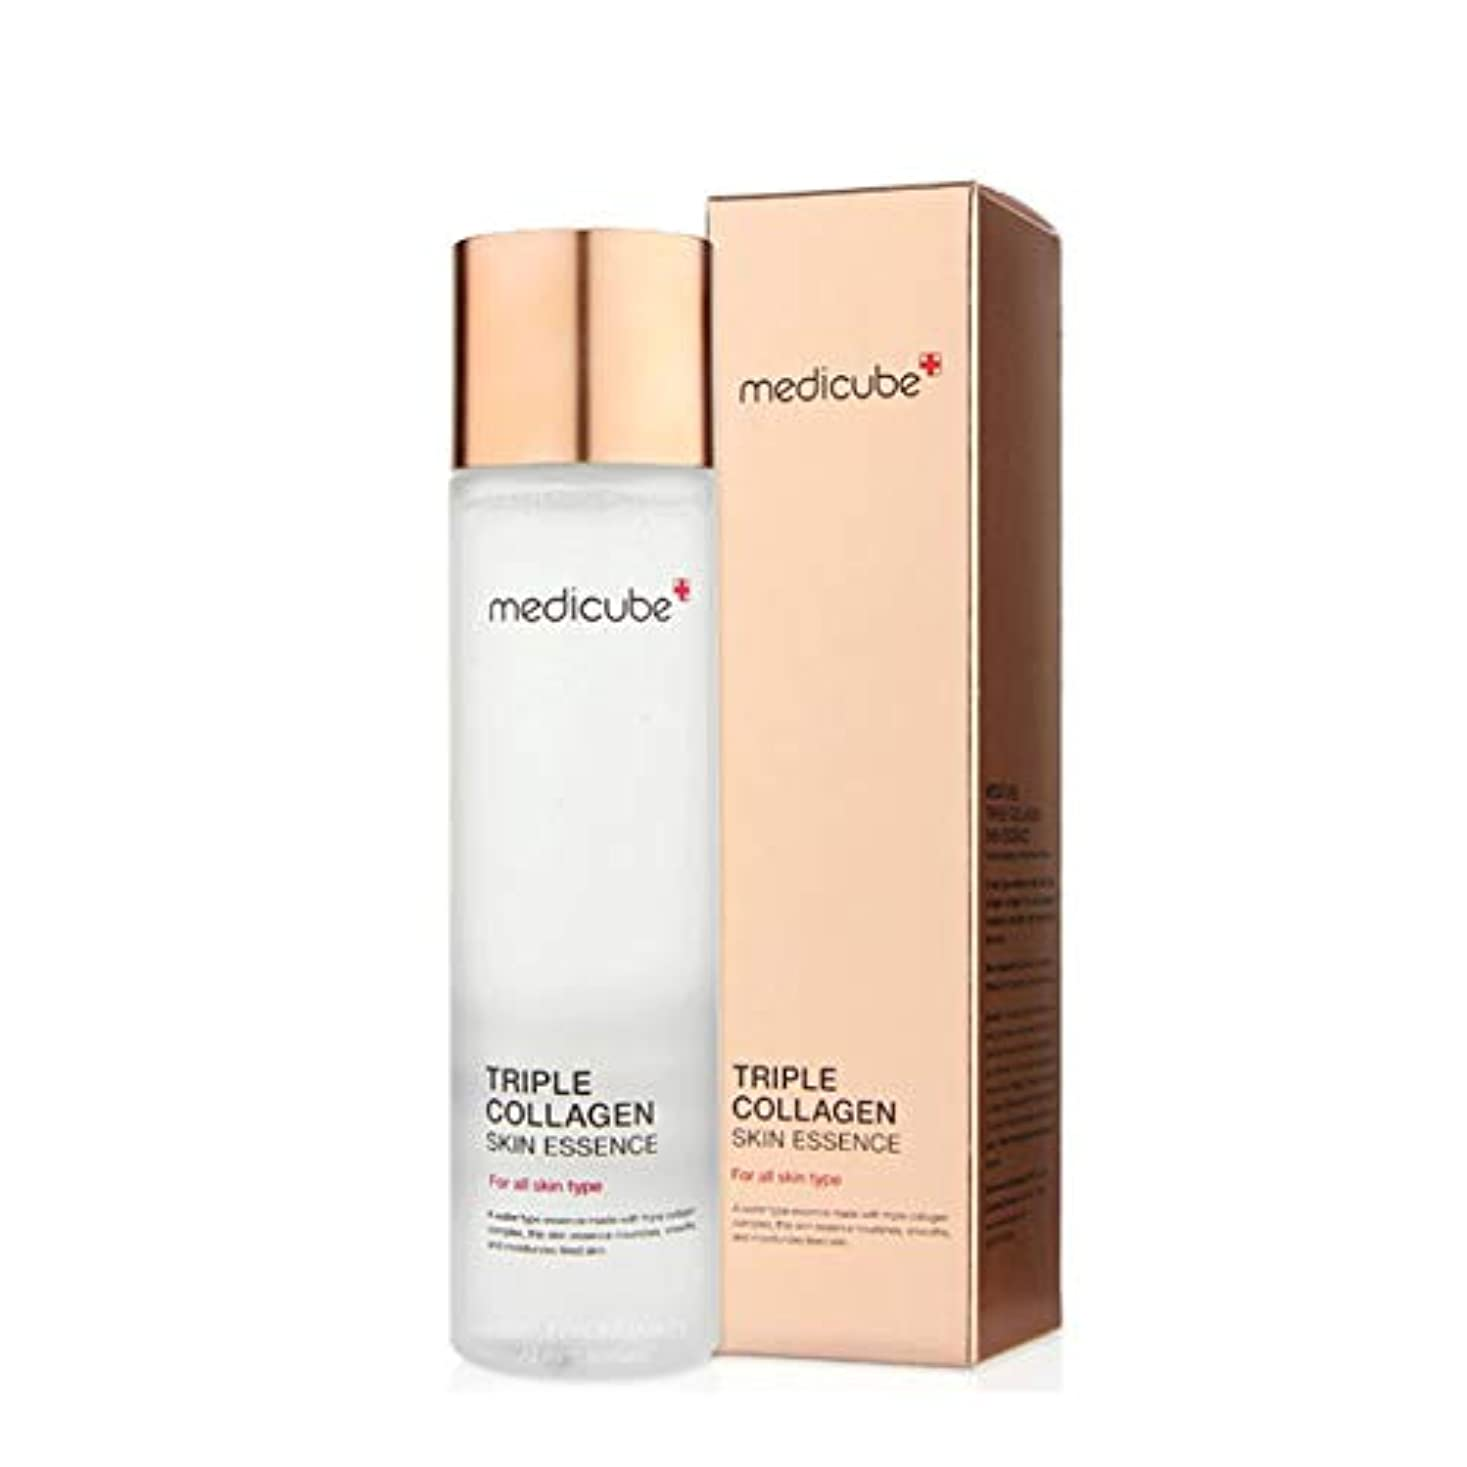 間違いスペード死の顎メディキューブトリプルコラーゲンスキンエッセンス140ml 韓国コスメ、Medicube Triple Collagen Skin Essence 140ml Korean Cosmetics [並行輸入品]